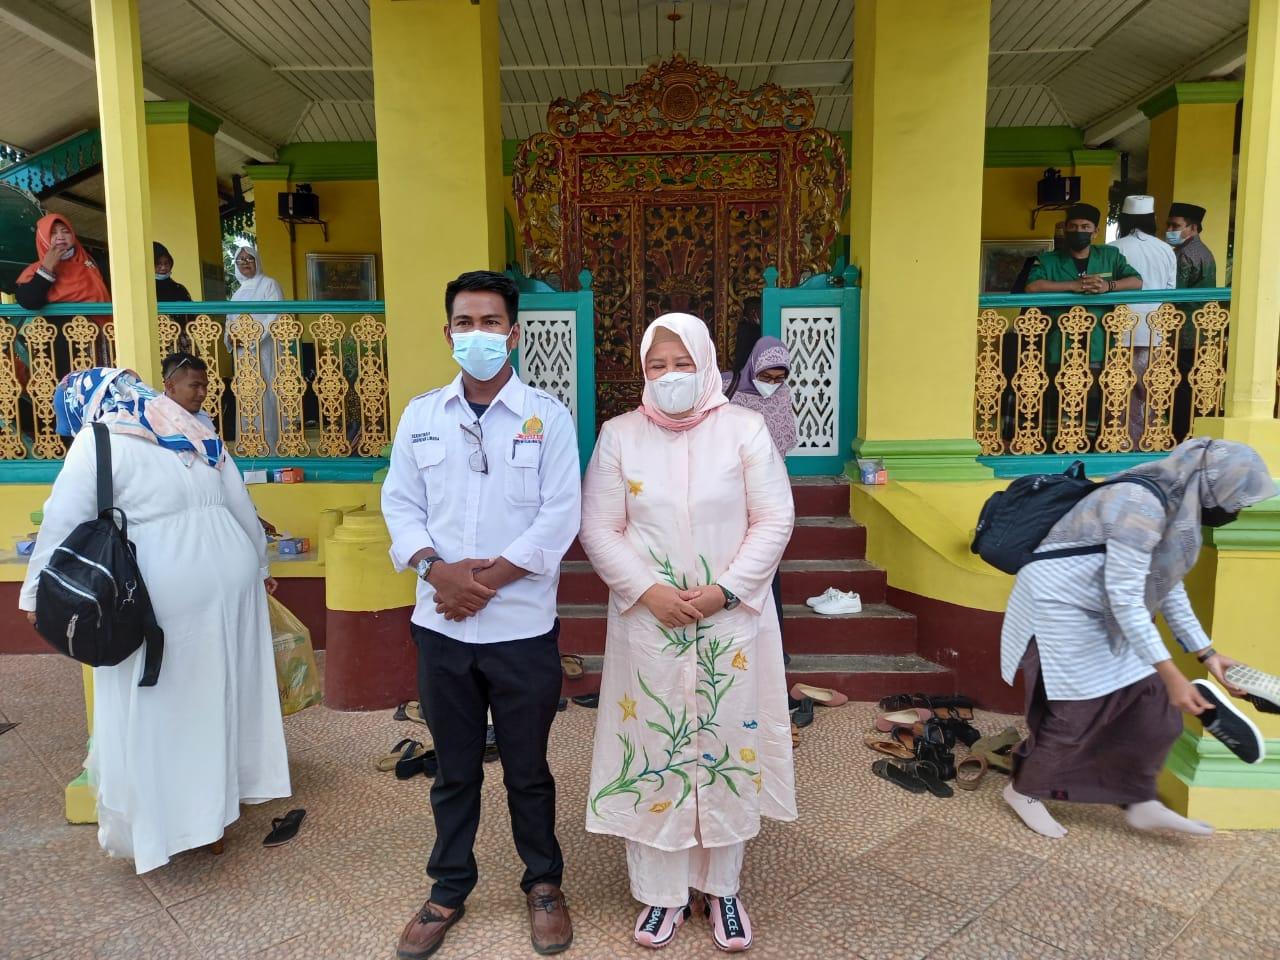 Wagub Kepri Kunker Ke Lingga, Perpat Harapkan Visi dan Misi Sewaktu Kampanye Diwujudkan